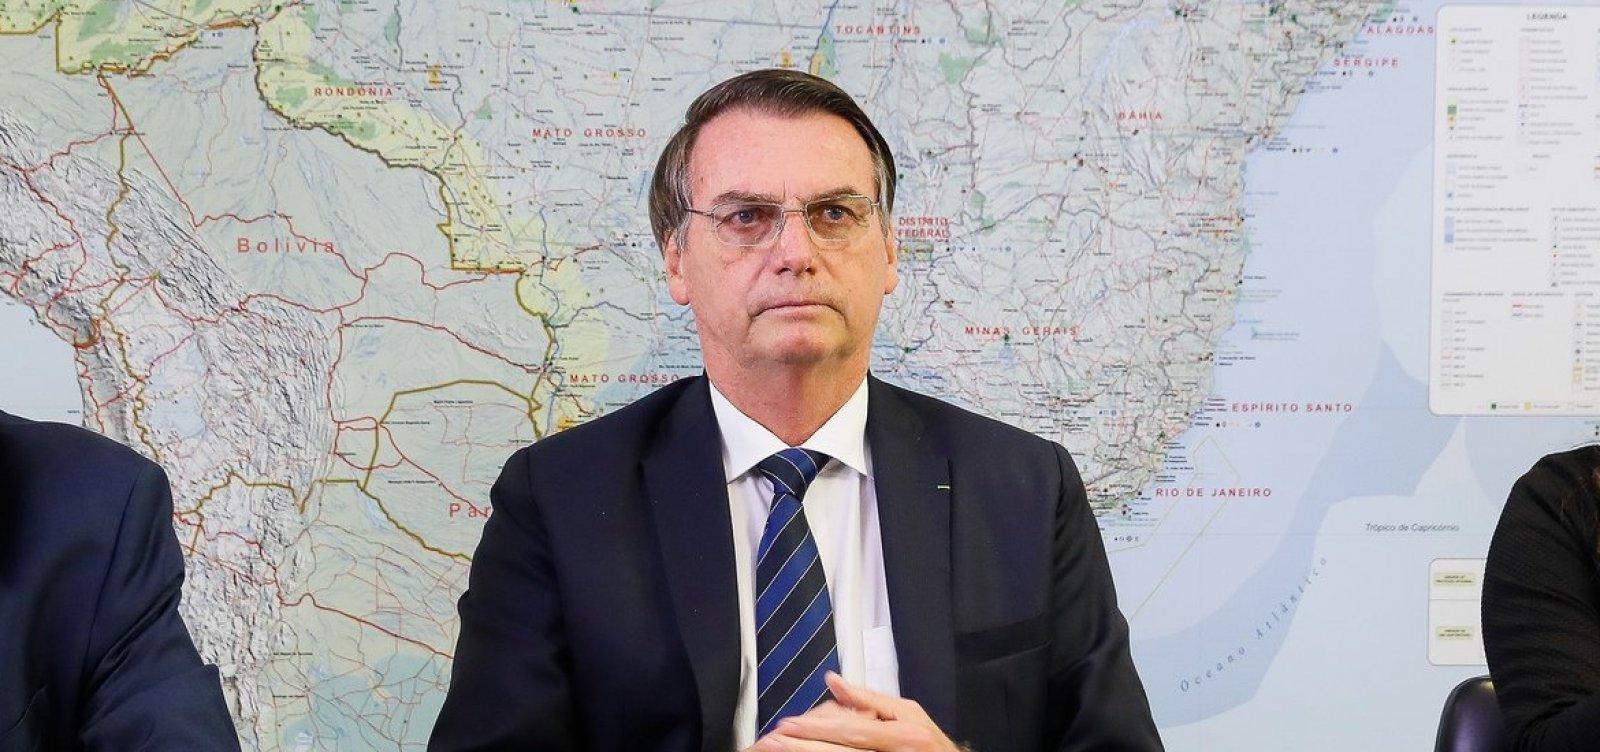 [Governo estuda mudança na tributação das empresas, diz Bolsonaro ]